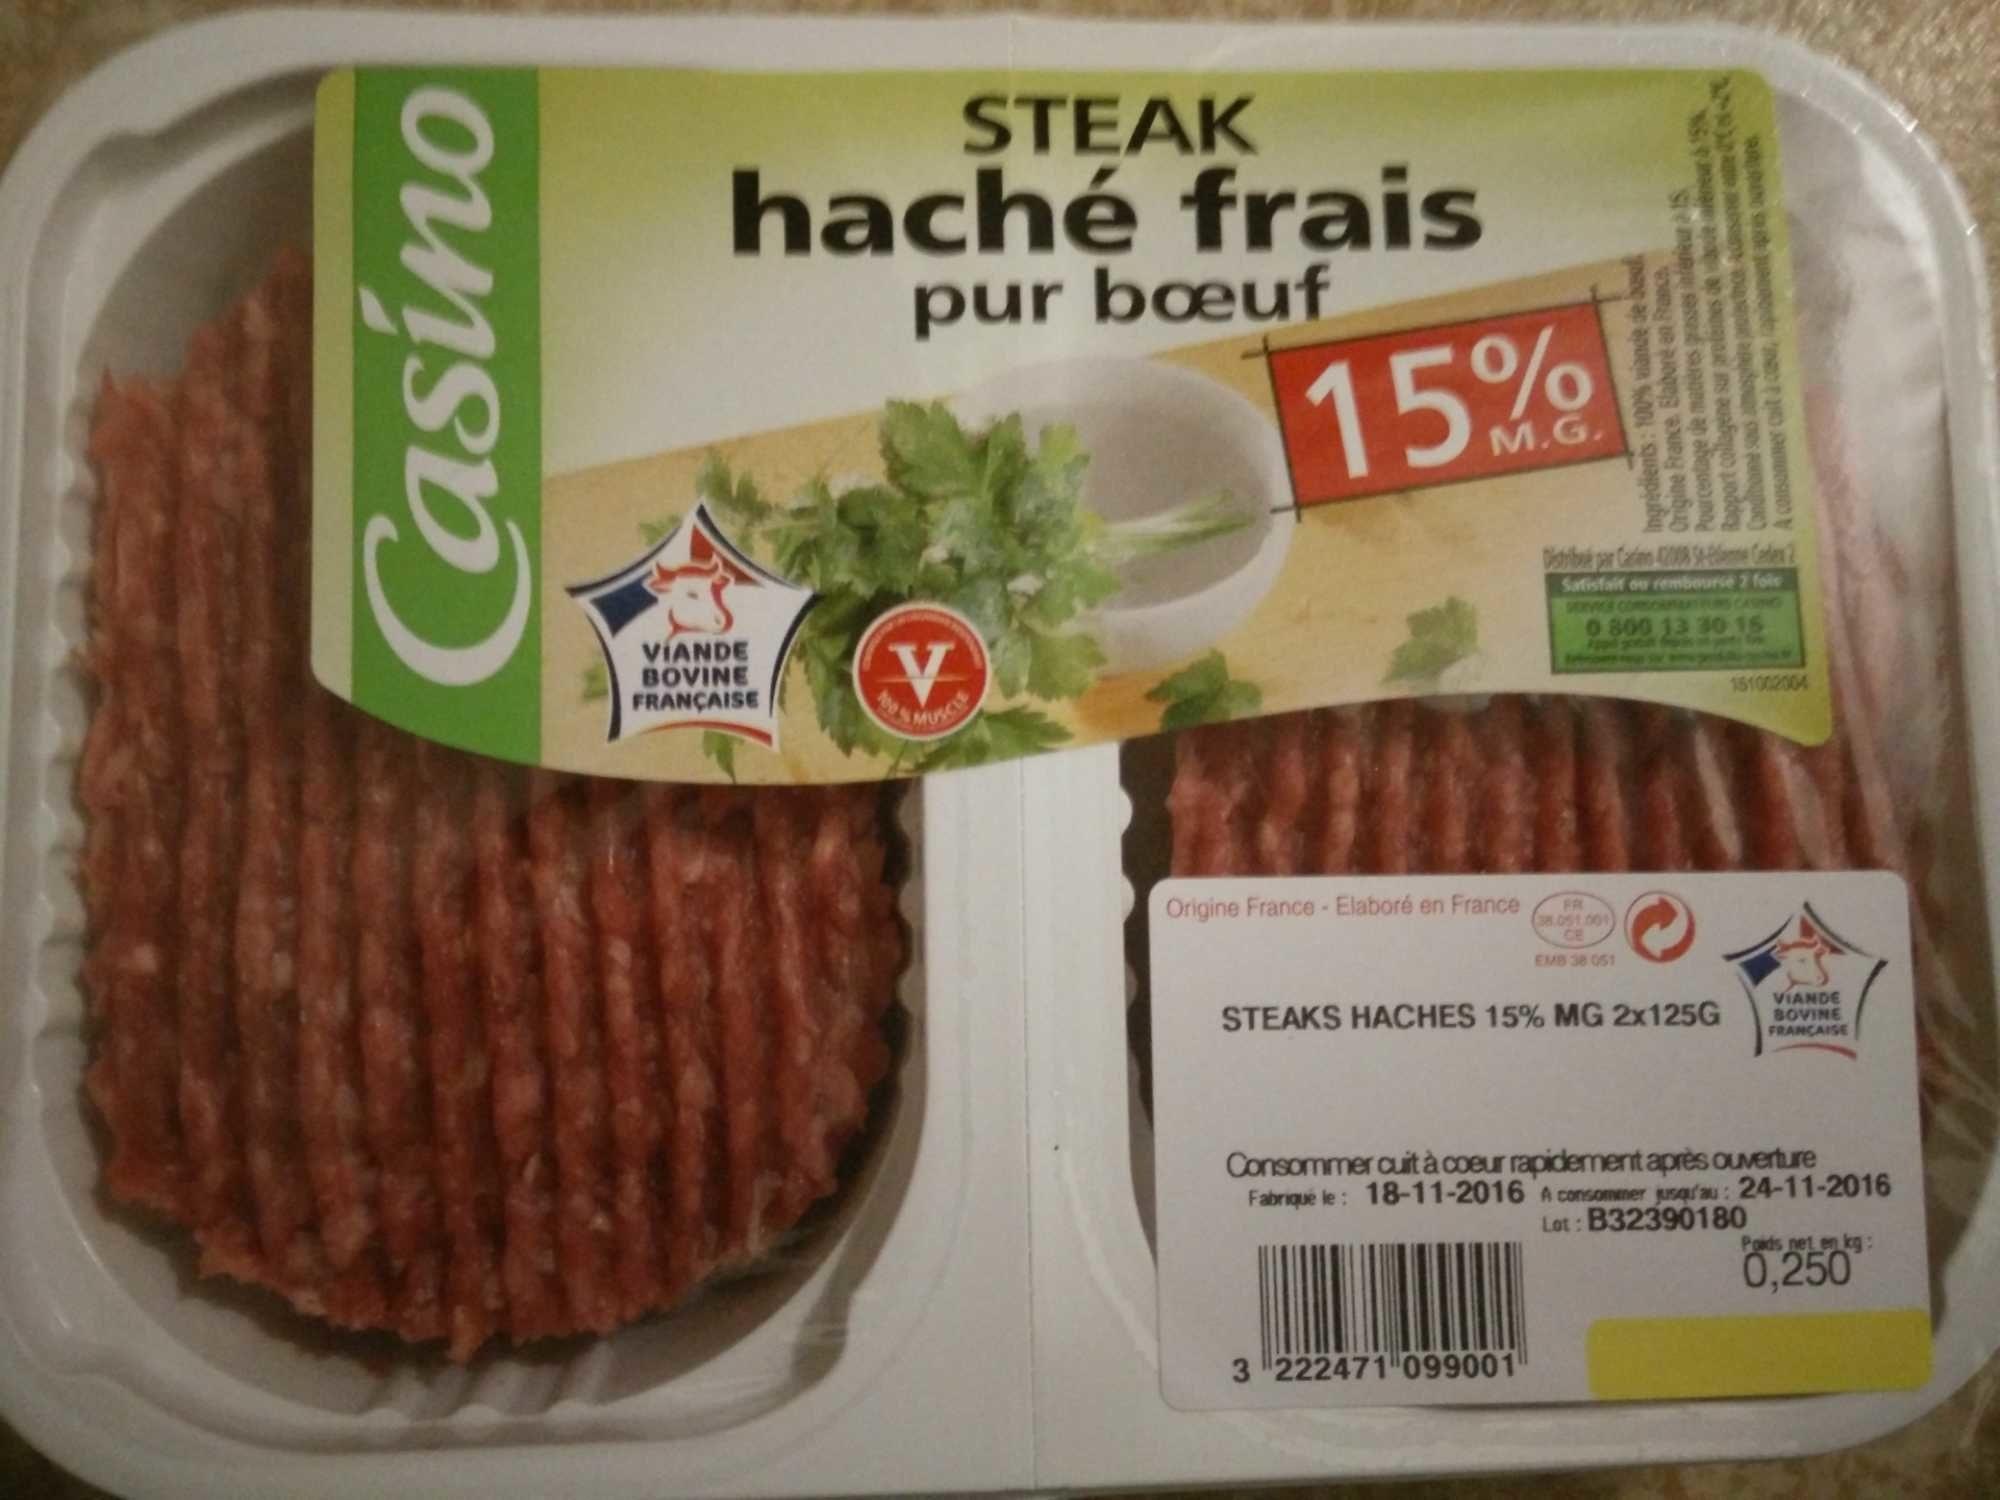 Steak haché frais pur bœuf (15 % MG) - Product